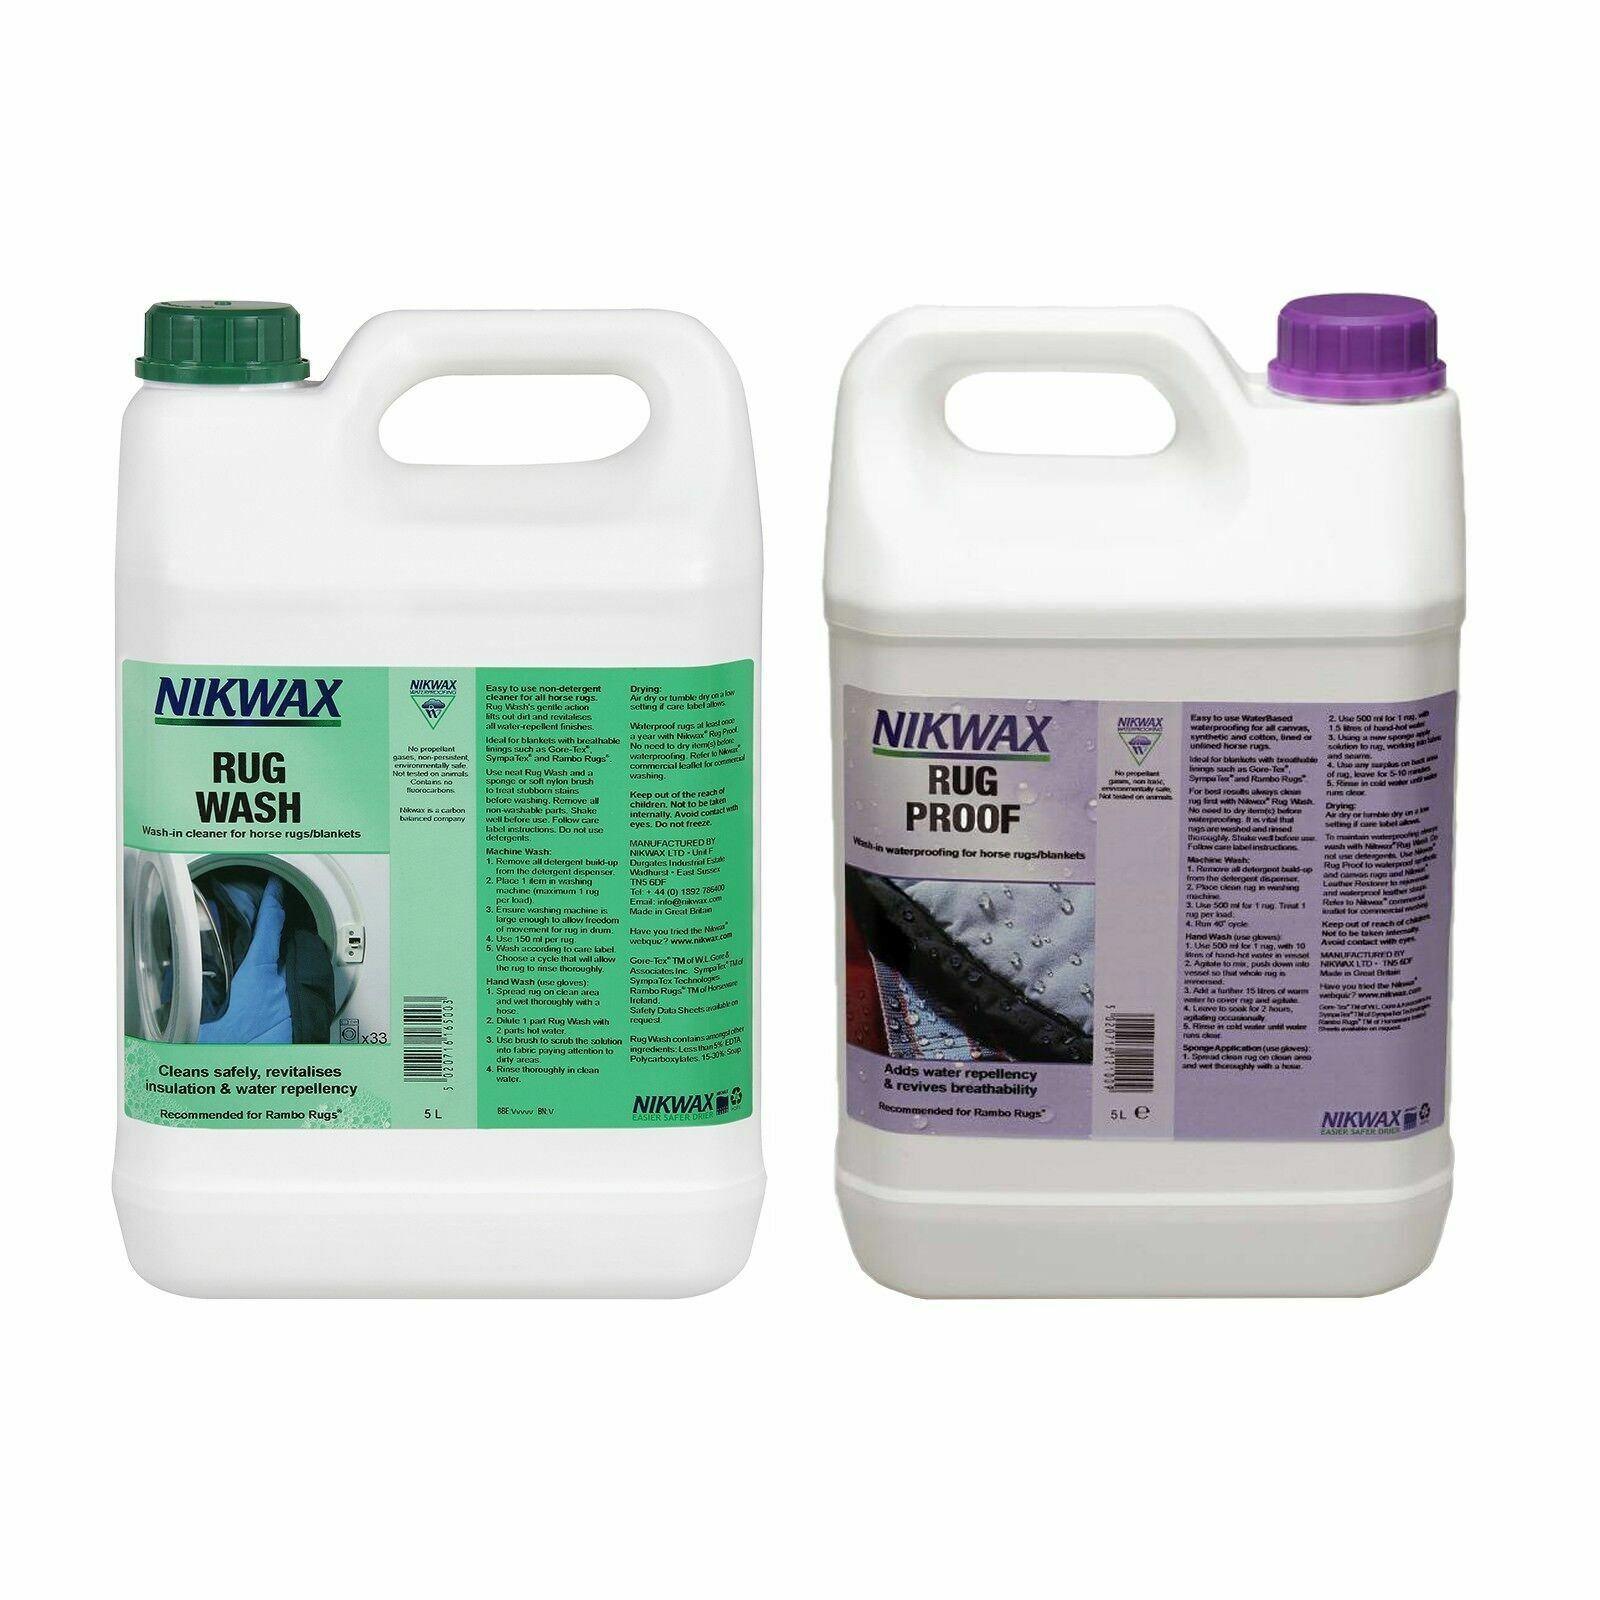 Nikwax Teppich Wasch & Beweis 5 Liter Doppel Packung Imprägnierung Tier Läufer &